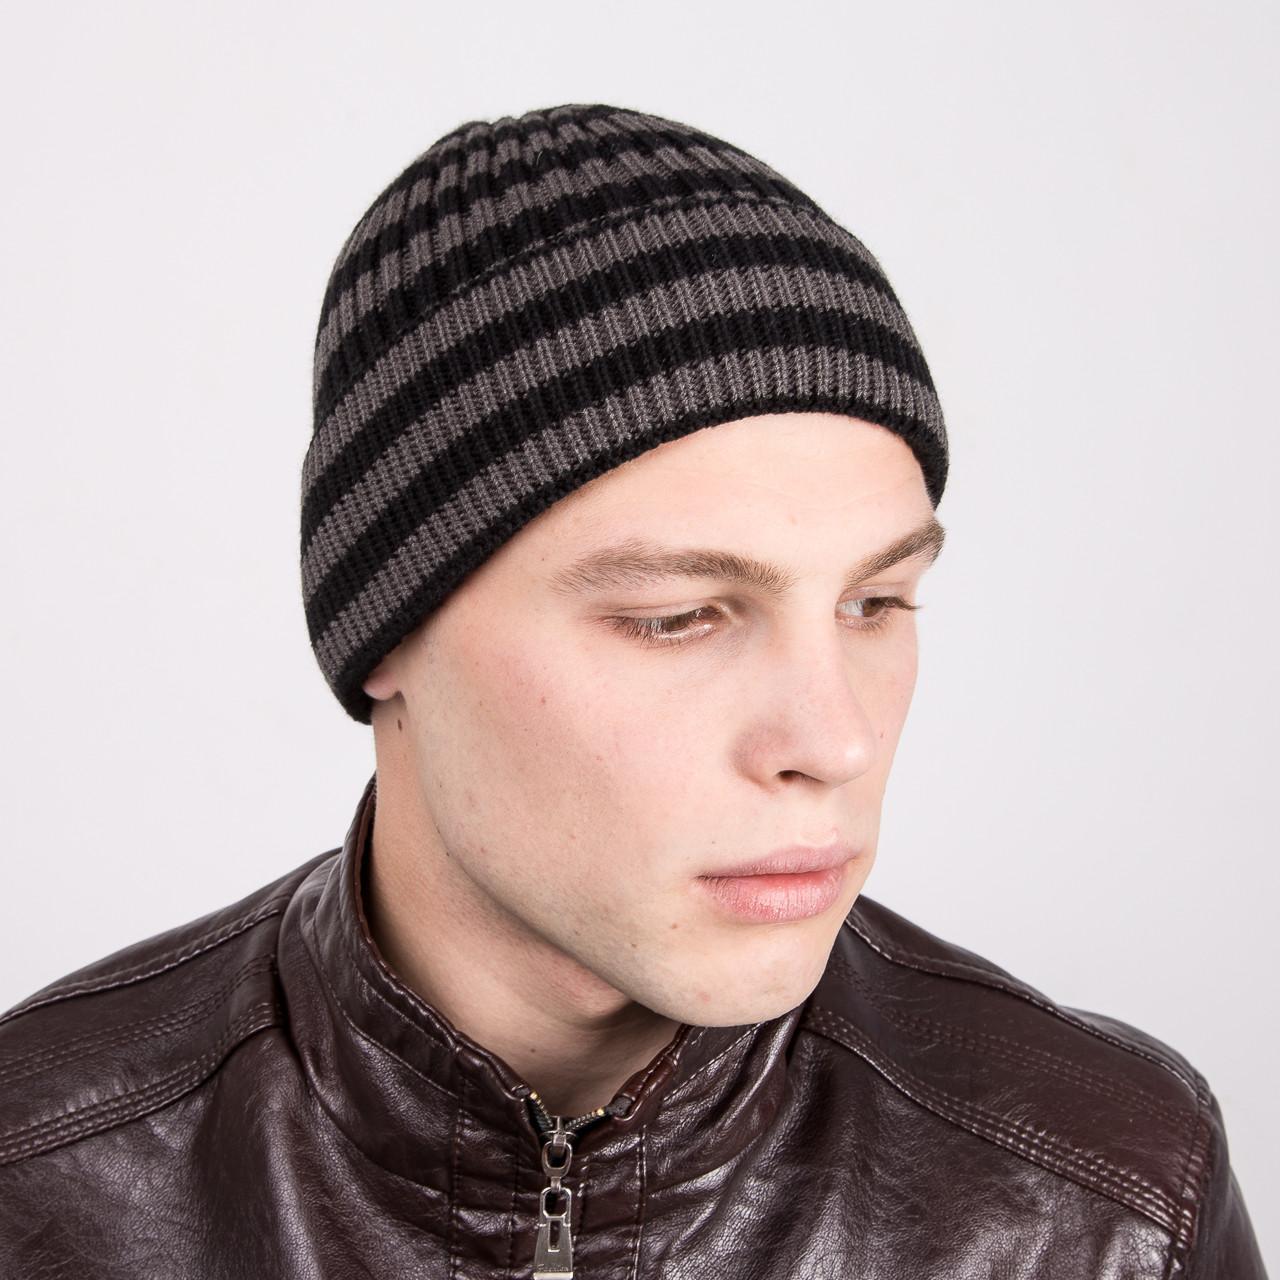 Зимняя вязаная мужская шапка в полоску - Артикул m1a